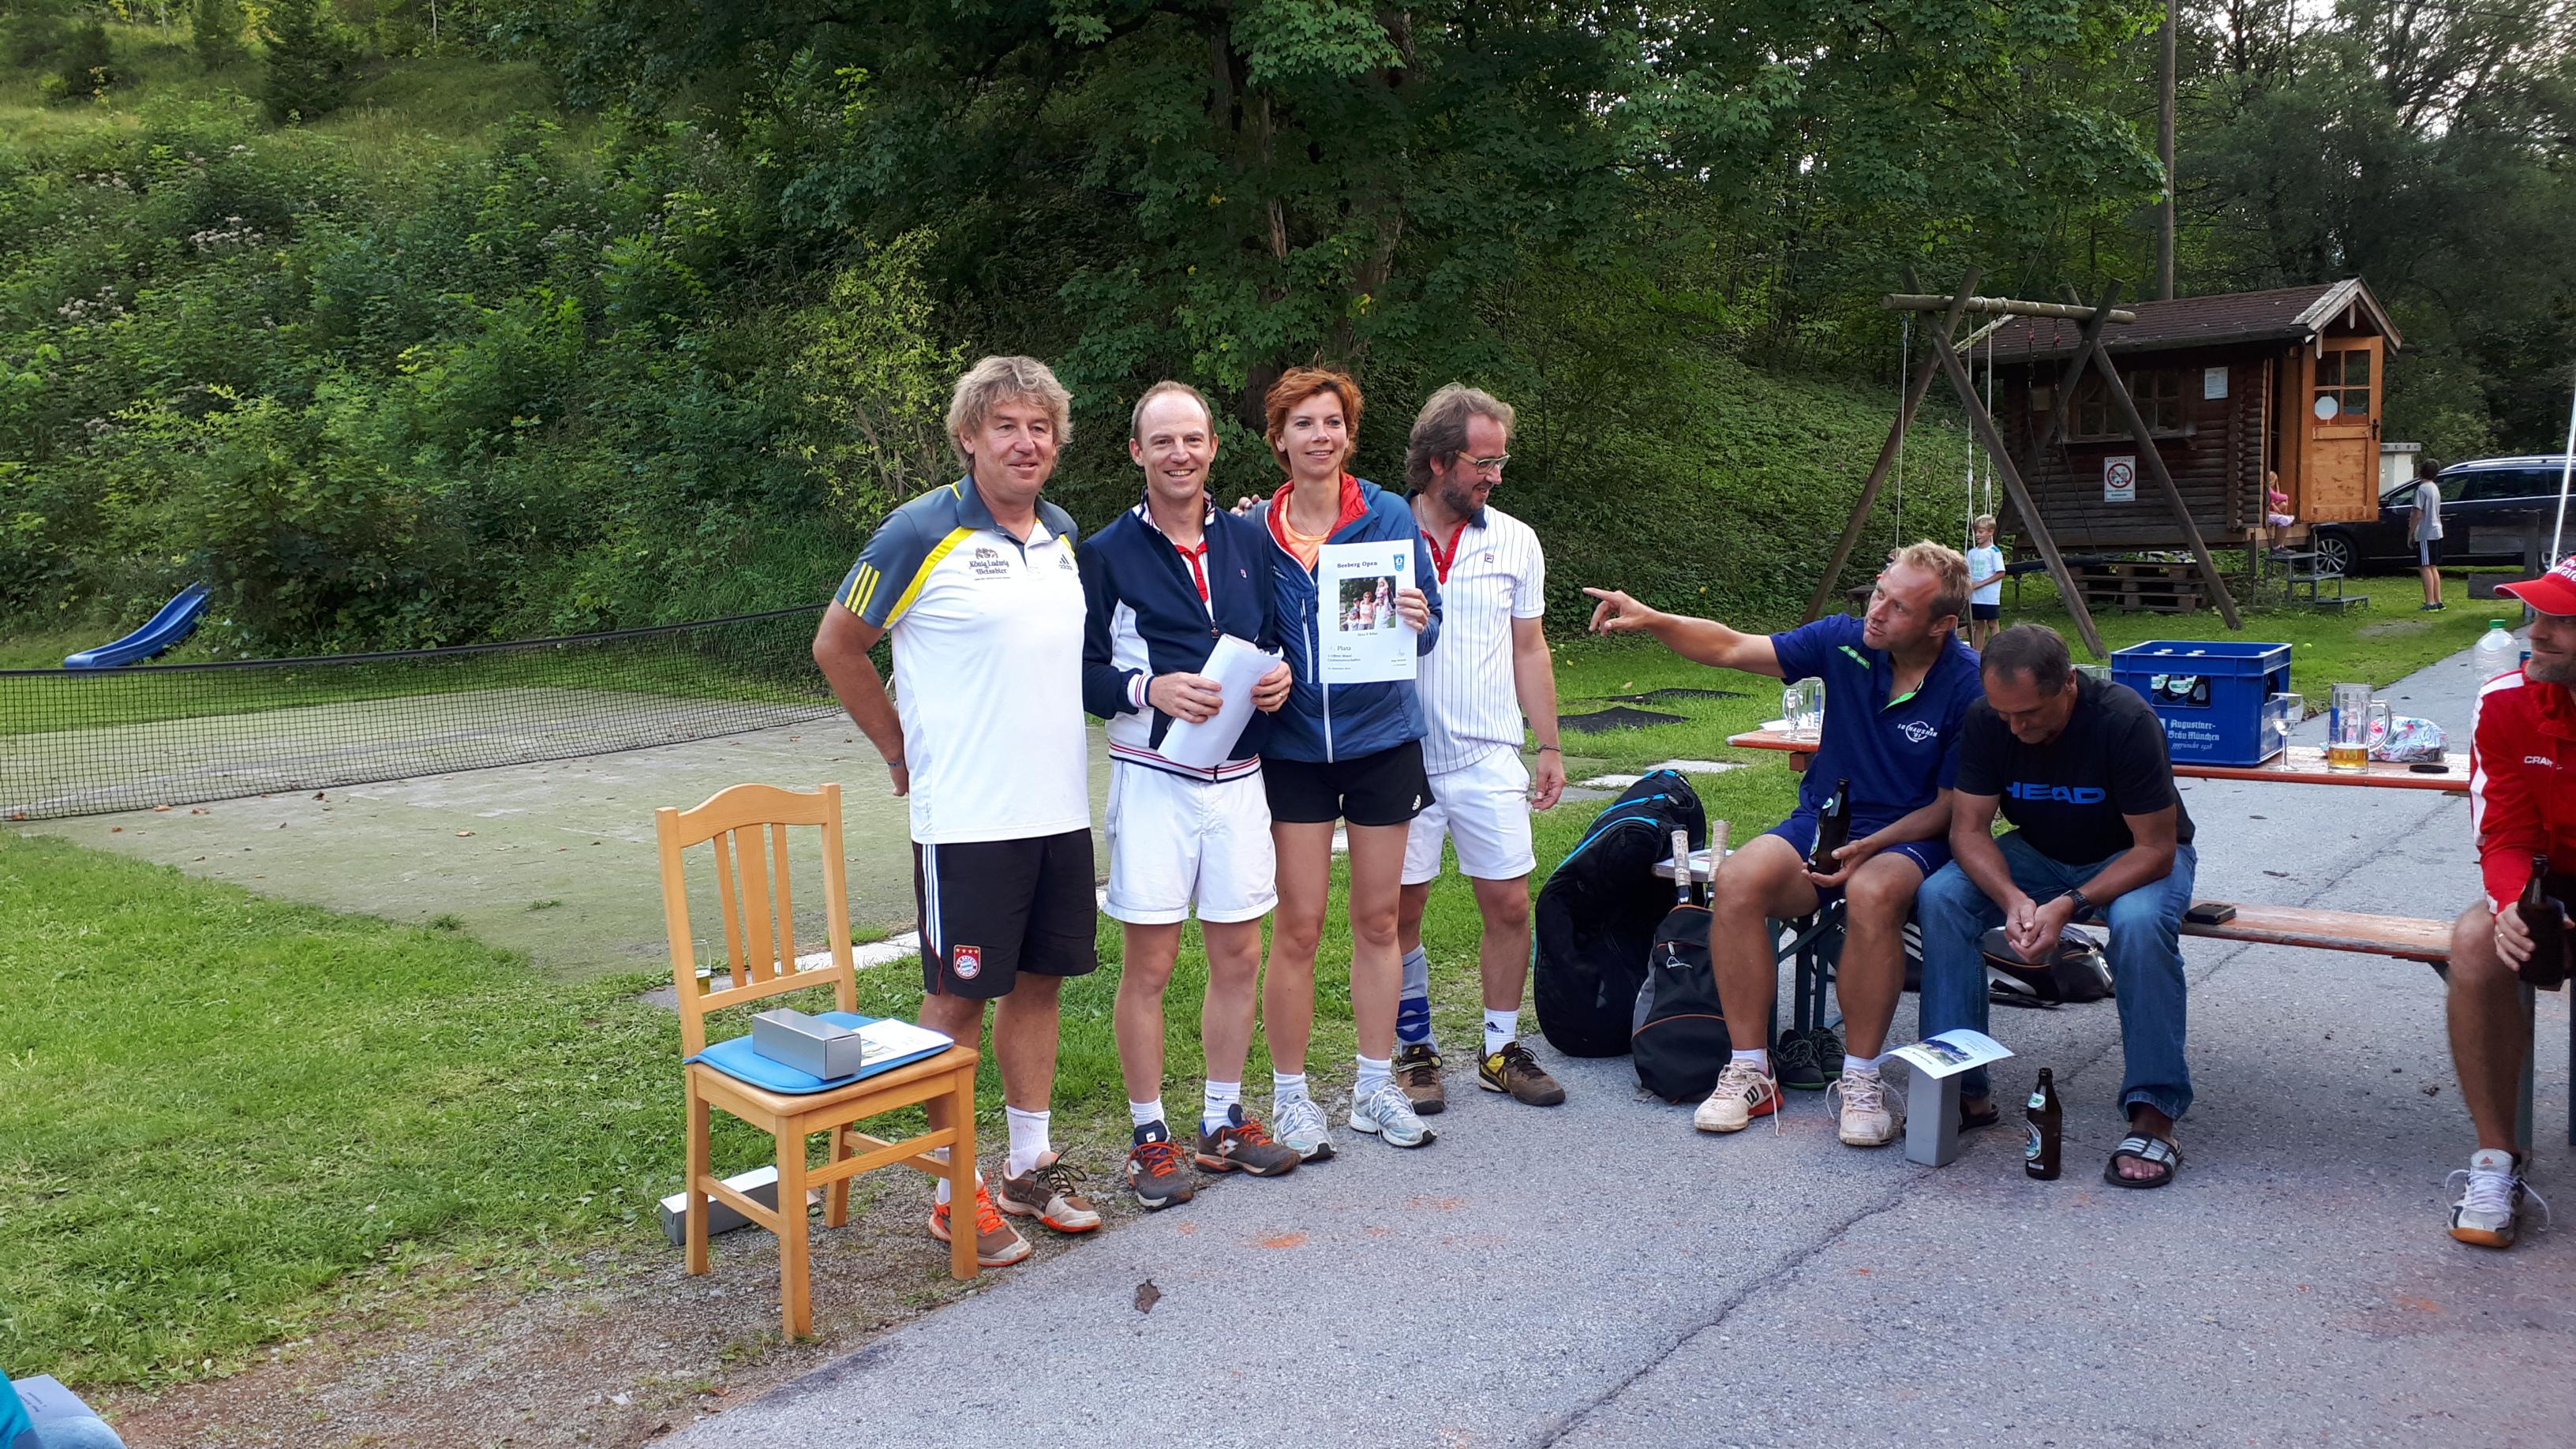 Gewinner der 1. Seeberg Open – Offenes Mixed Turnier – sind ….